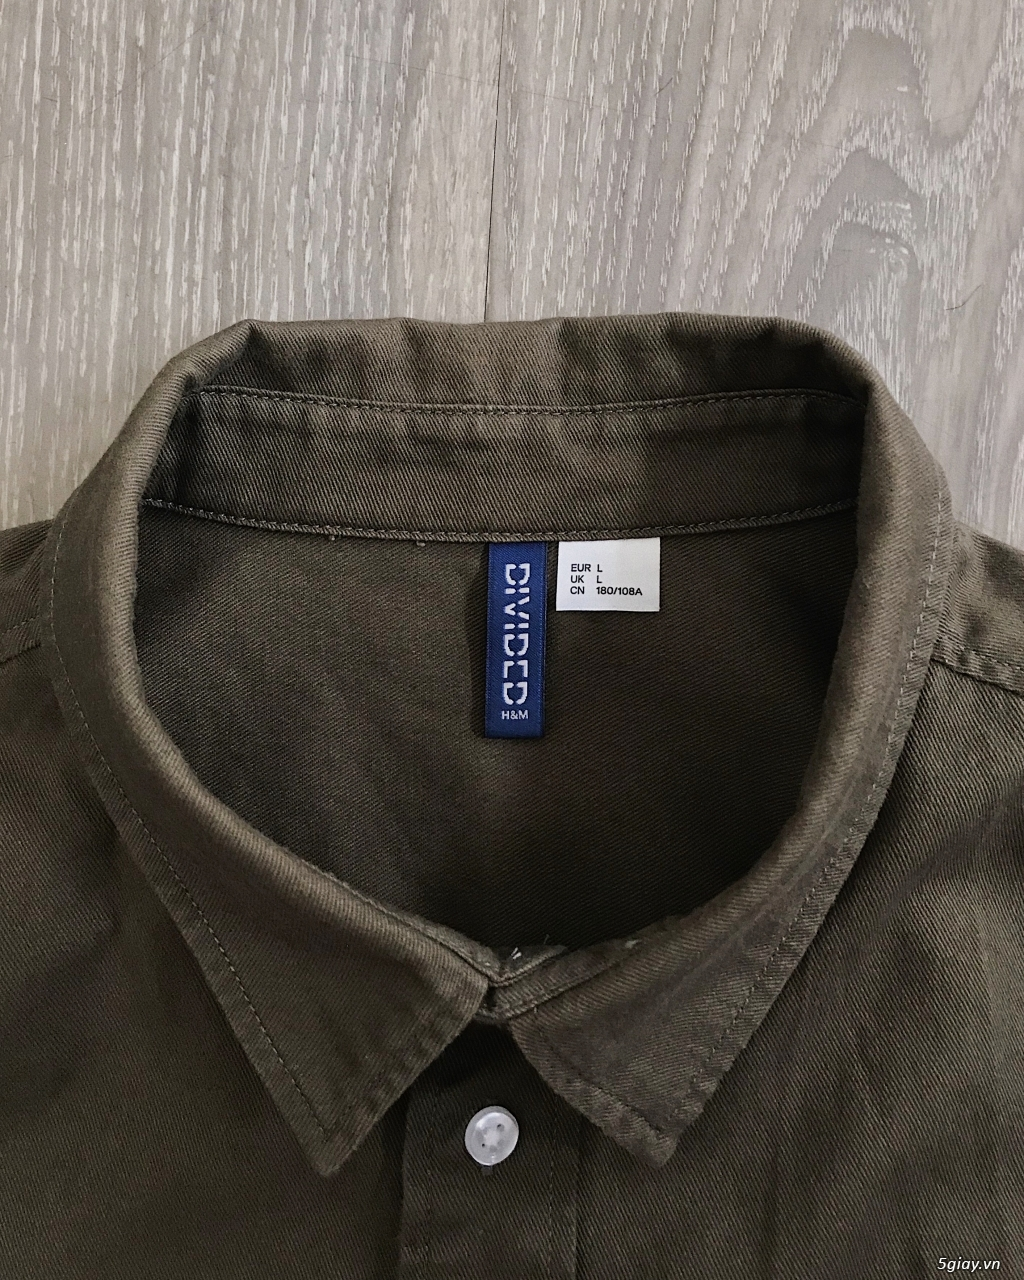 GÓC THANH LÝ: Quần áo phụ kiện Hilfiger, Zara, H&M, Uniqlo... Authetic - 4